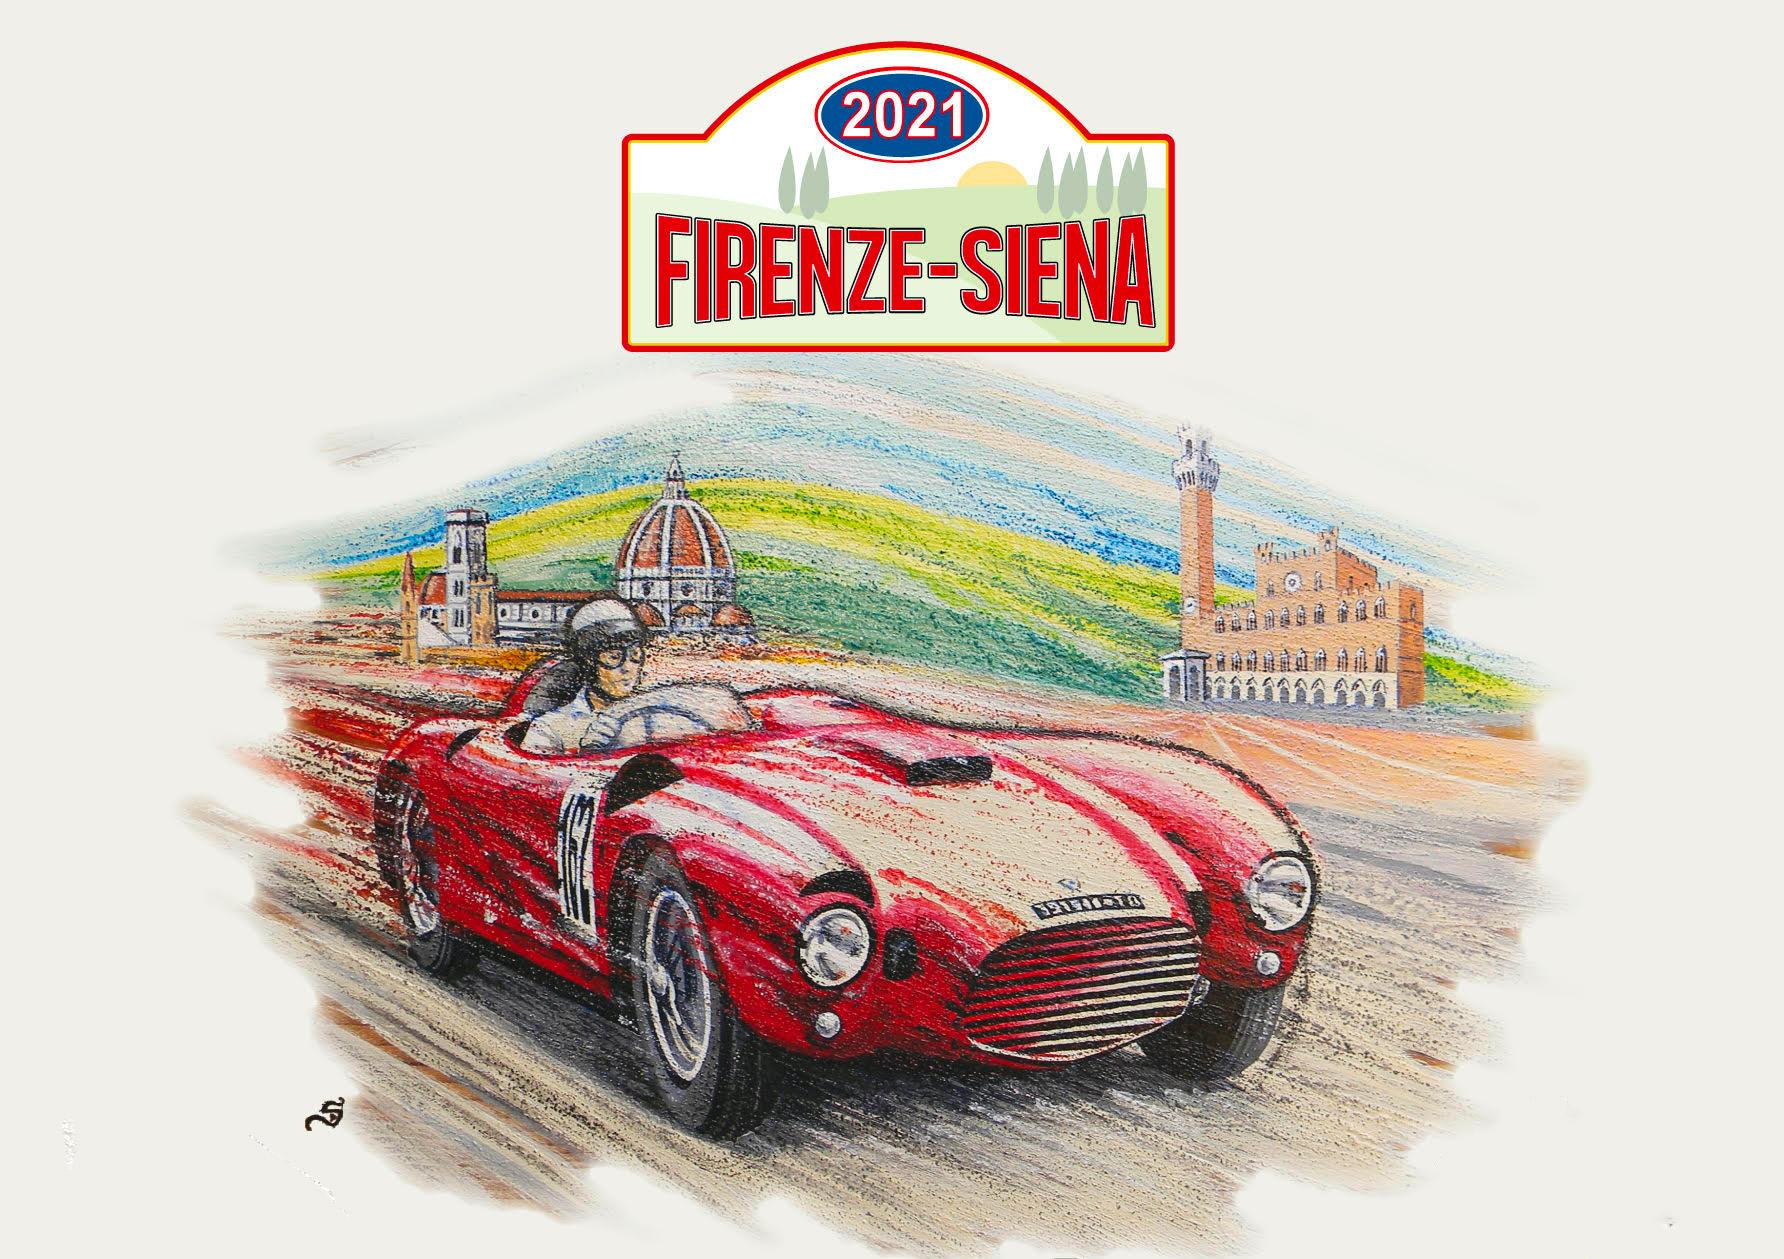 Firenze Siena: il 2021 ha un nuovo logo